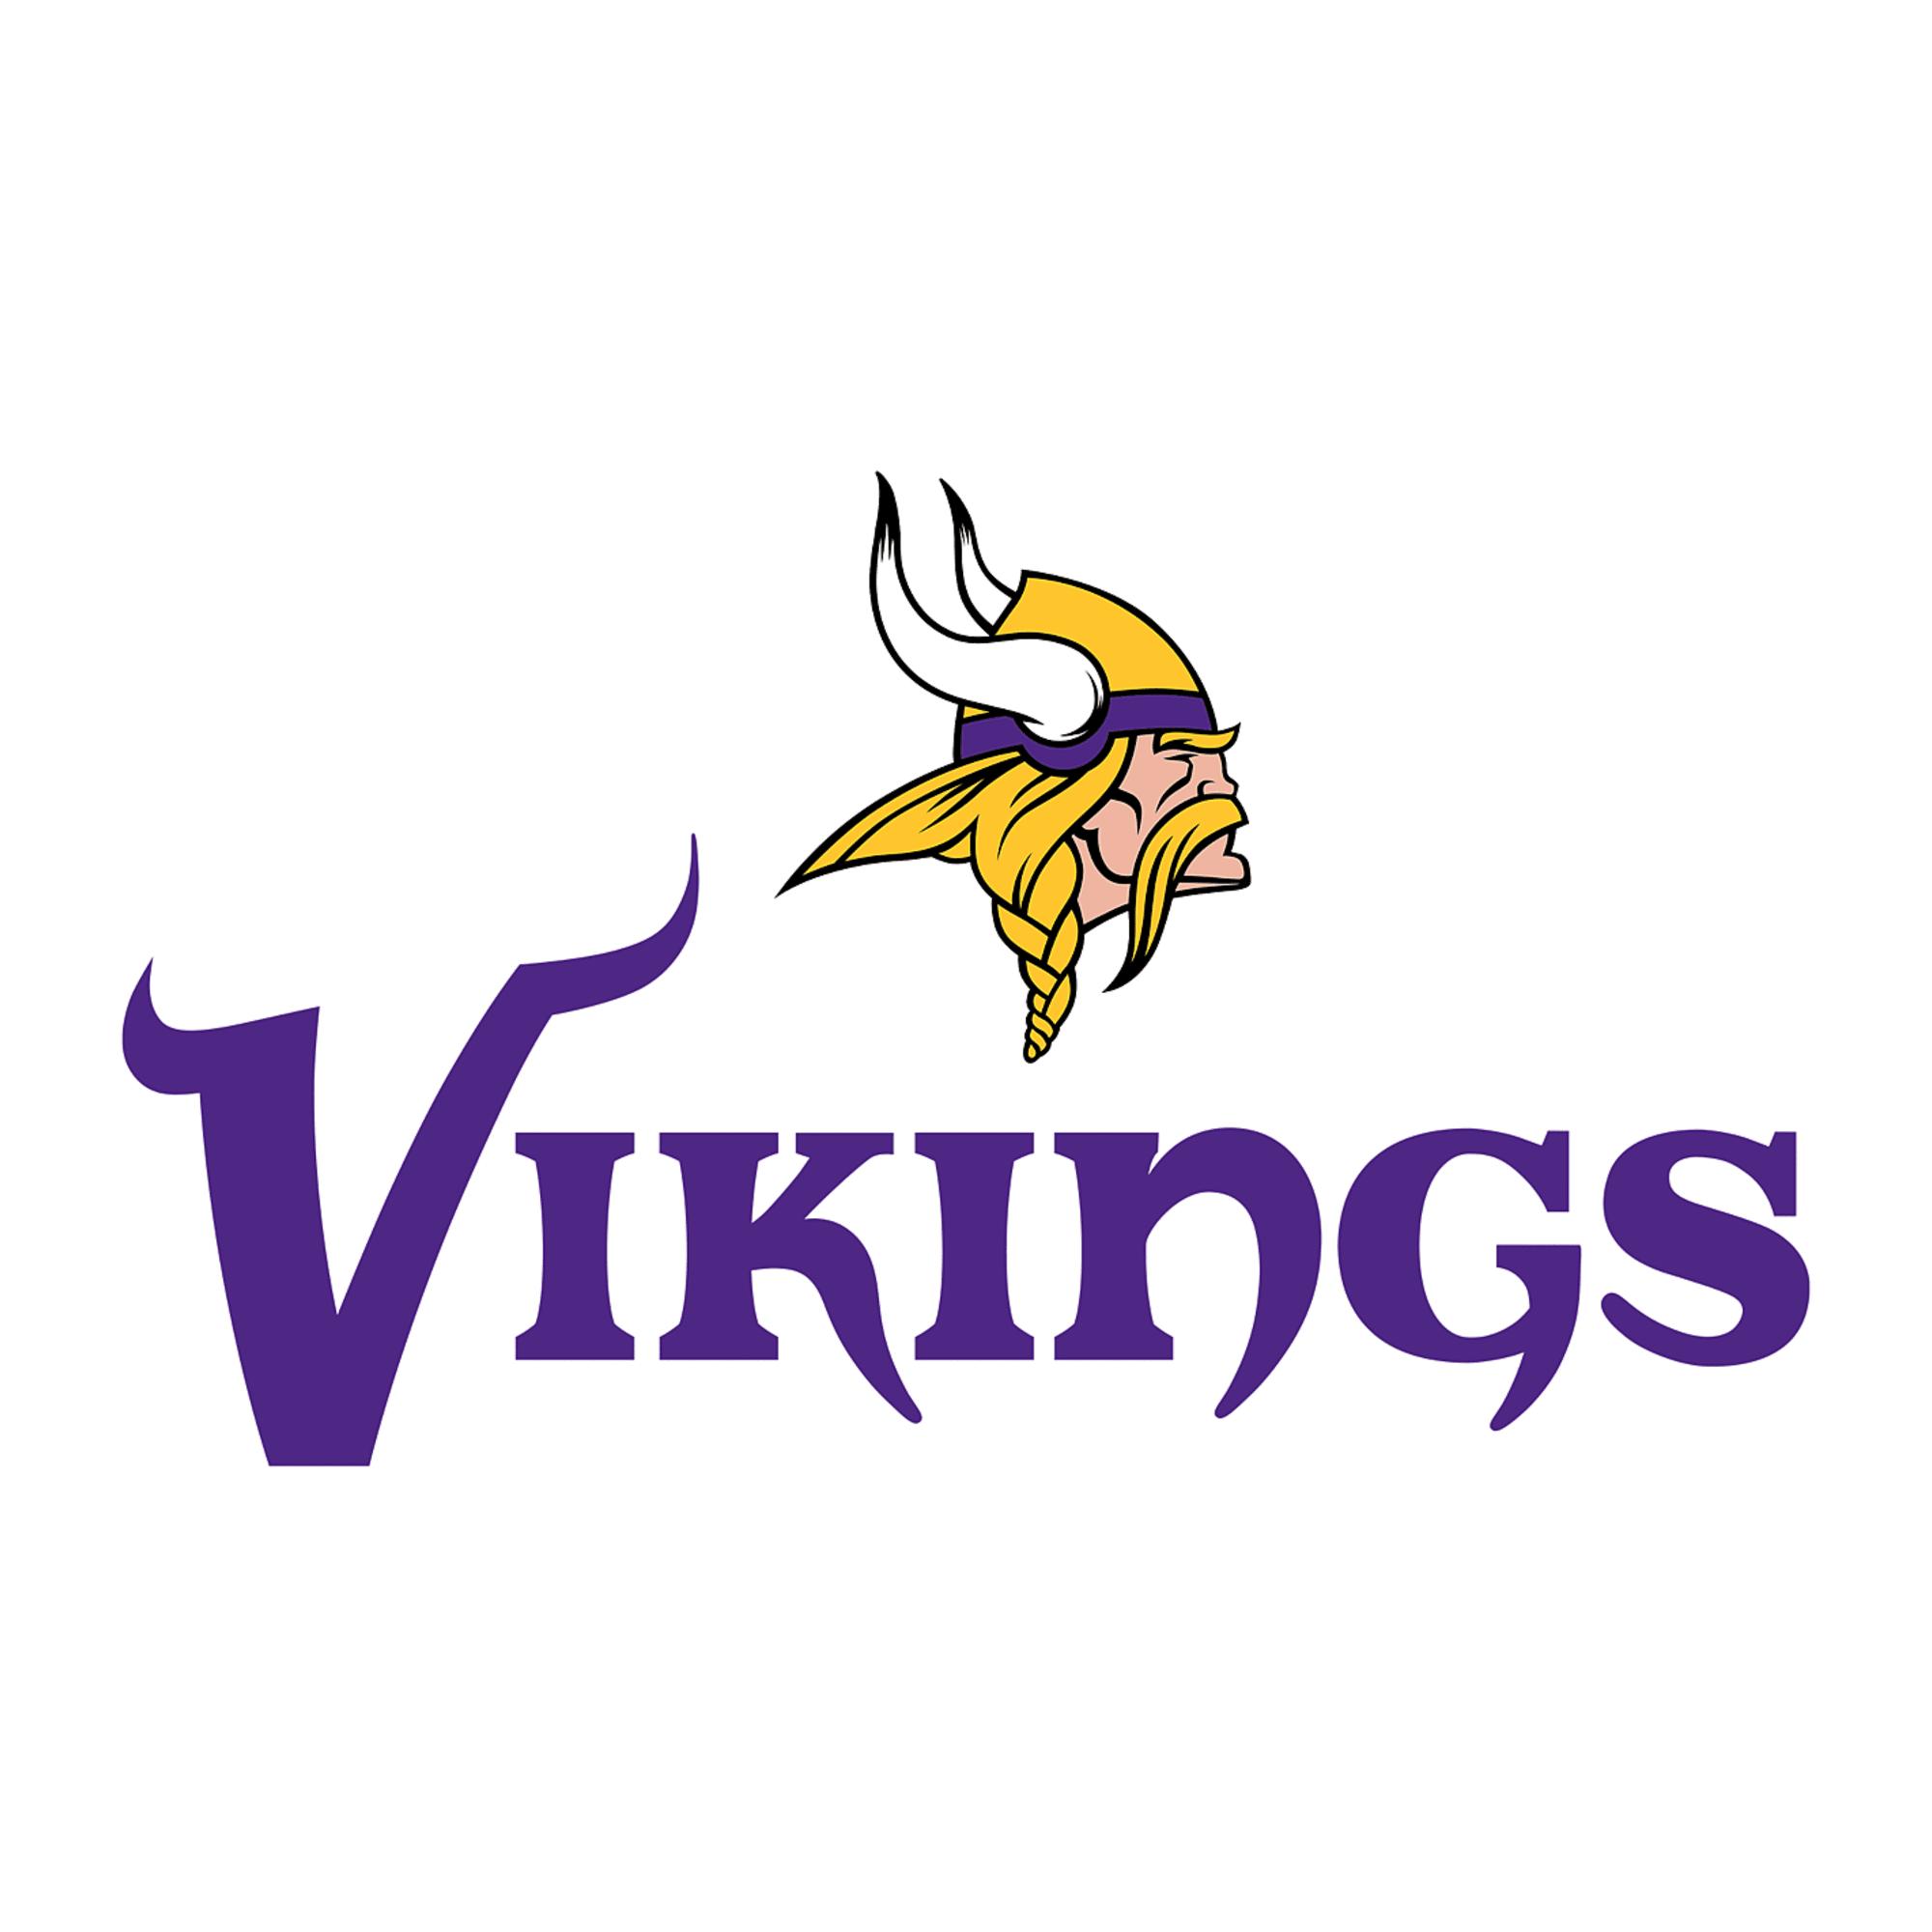 Minnesota Vikings Logo Giant Nfl Transfer Decal Minnesota Vikings Logo Viking Logo Minnesota Vikings